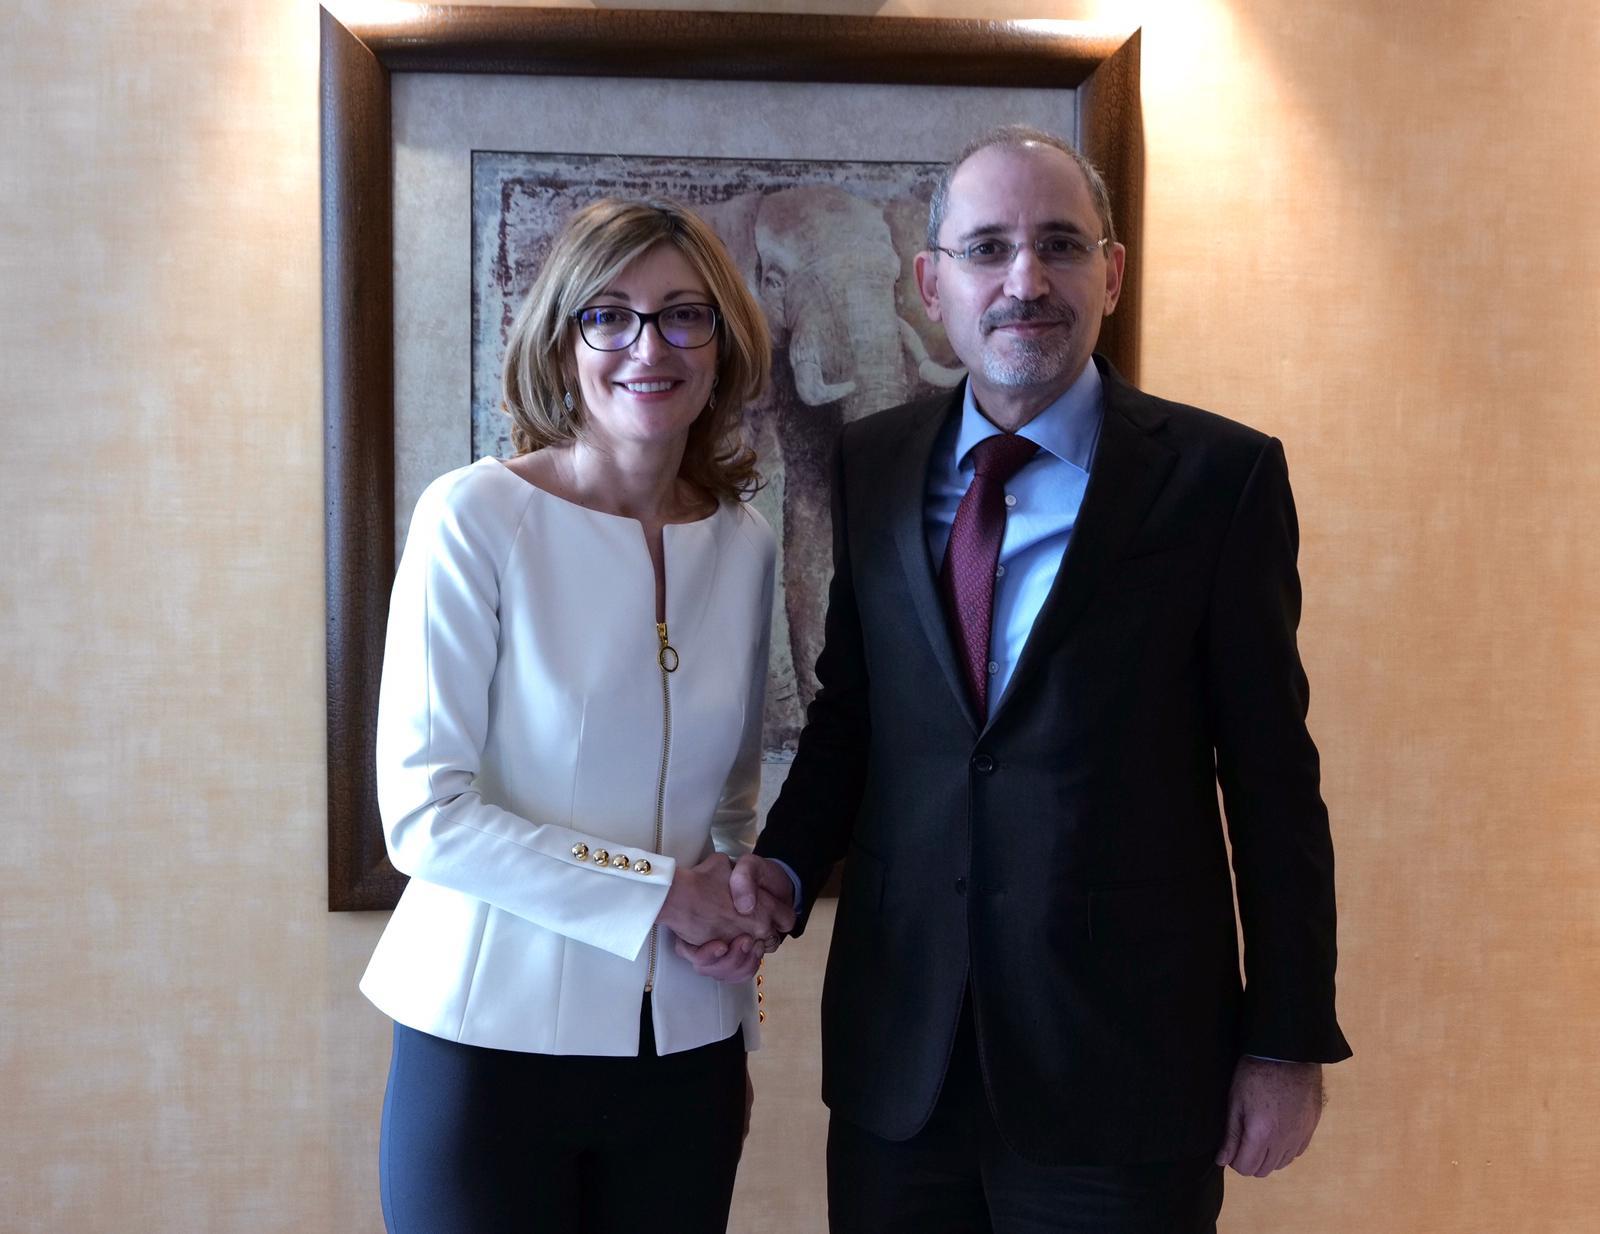 Първите дипломати на България и Йордания обсъдиха усилията за мирното разрешаване на конфликтите в Близкия изток